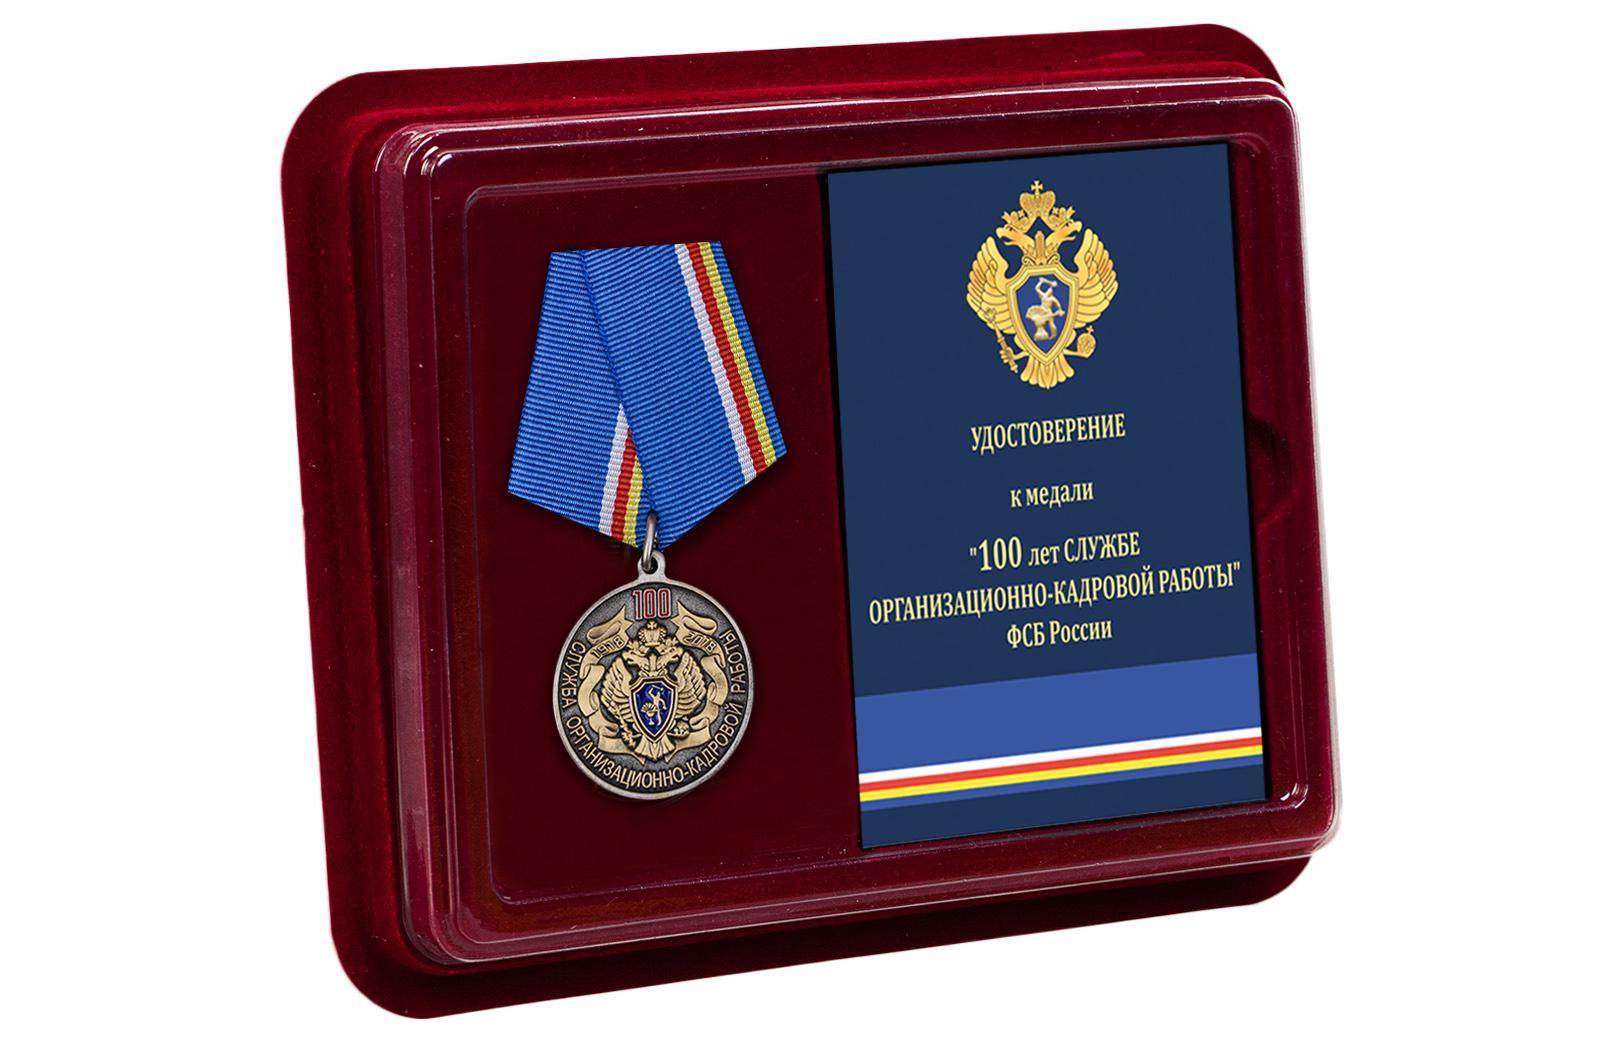 Купить медаль 100 лет Службе организационно-кадровой работы ФСБ РФ в подарок